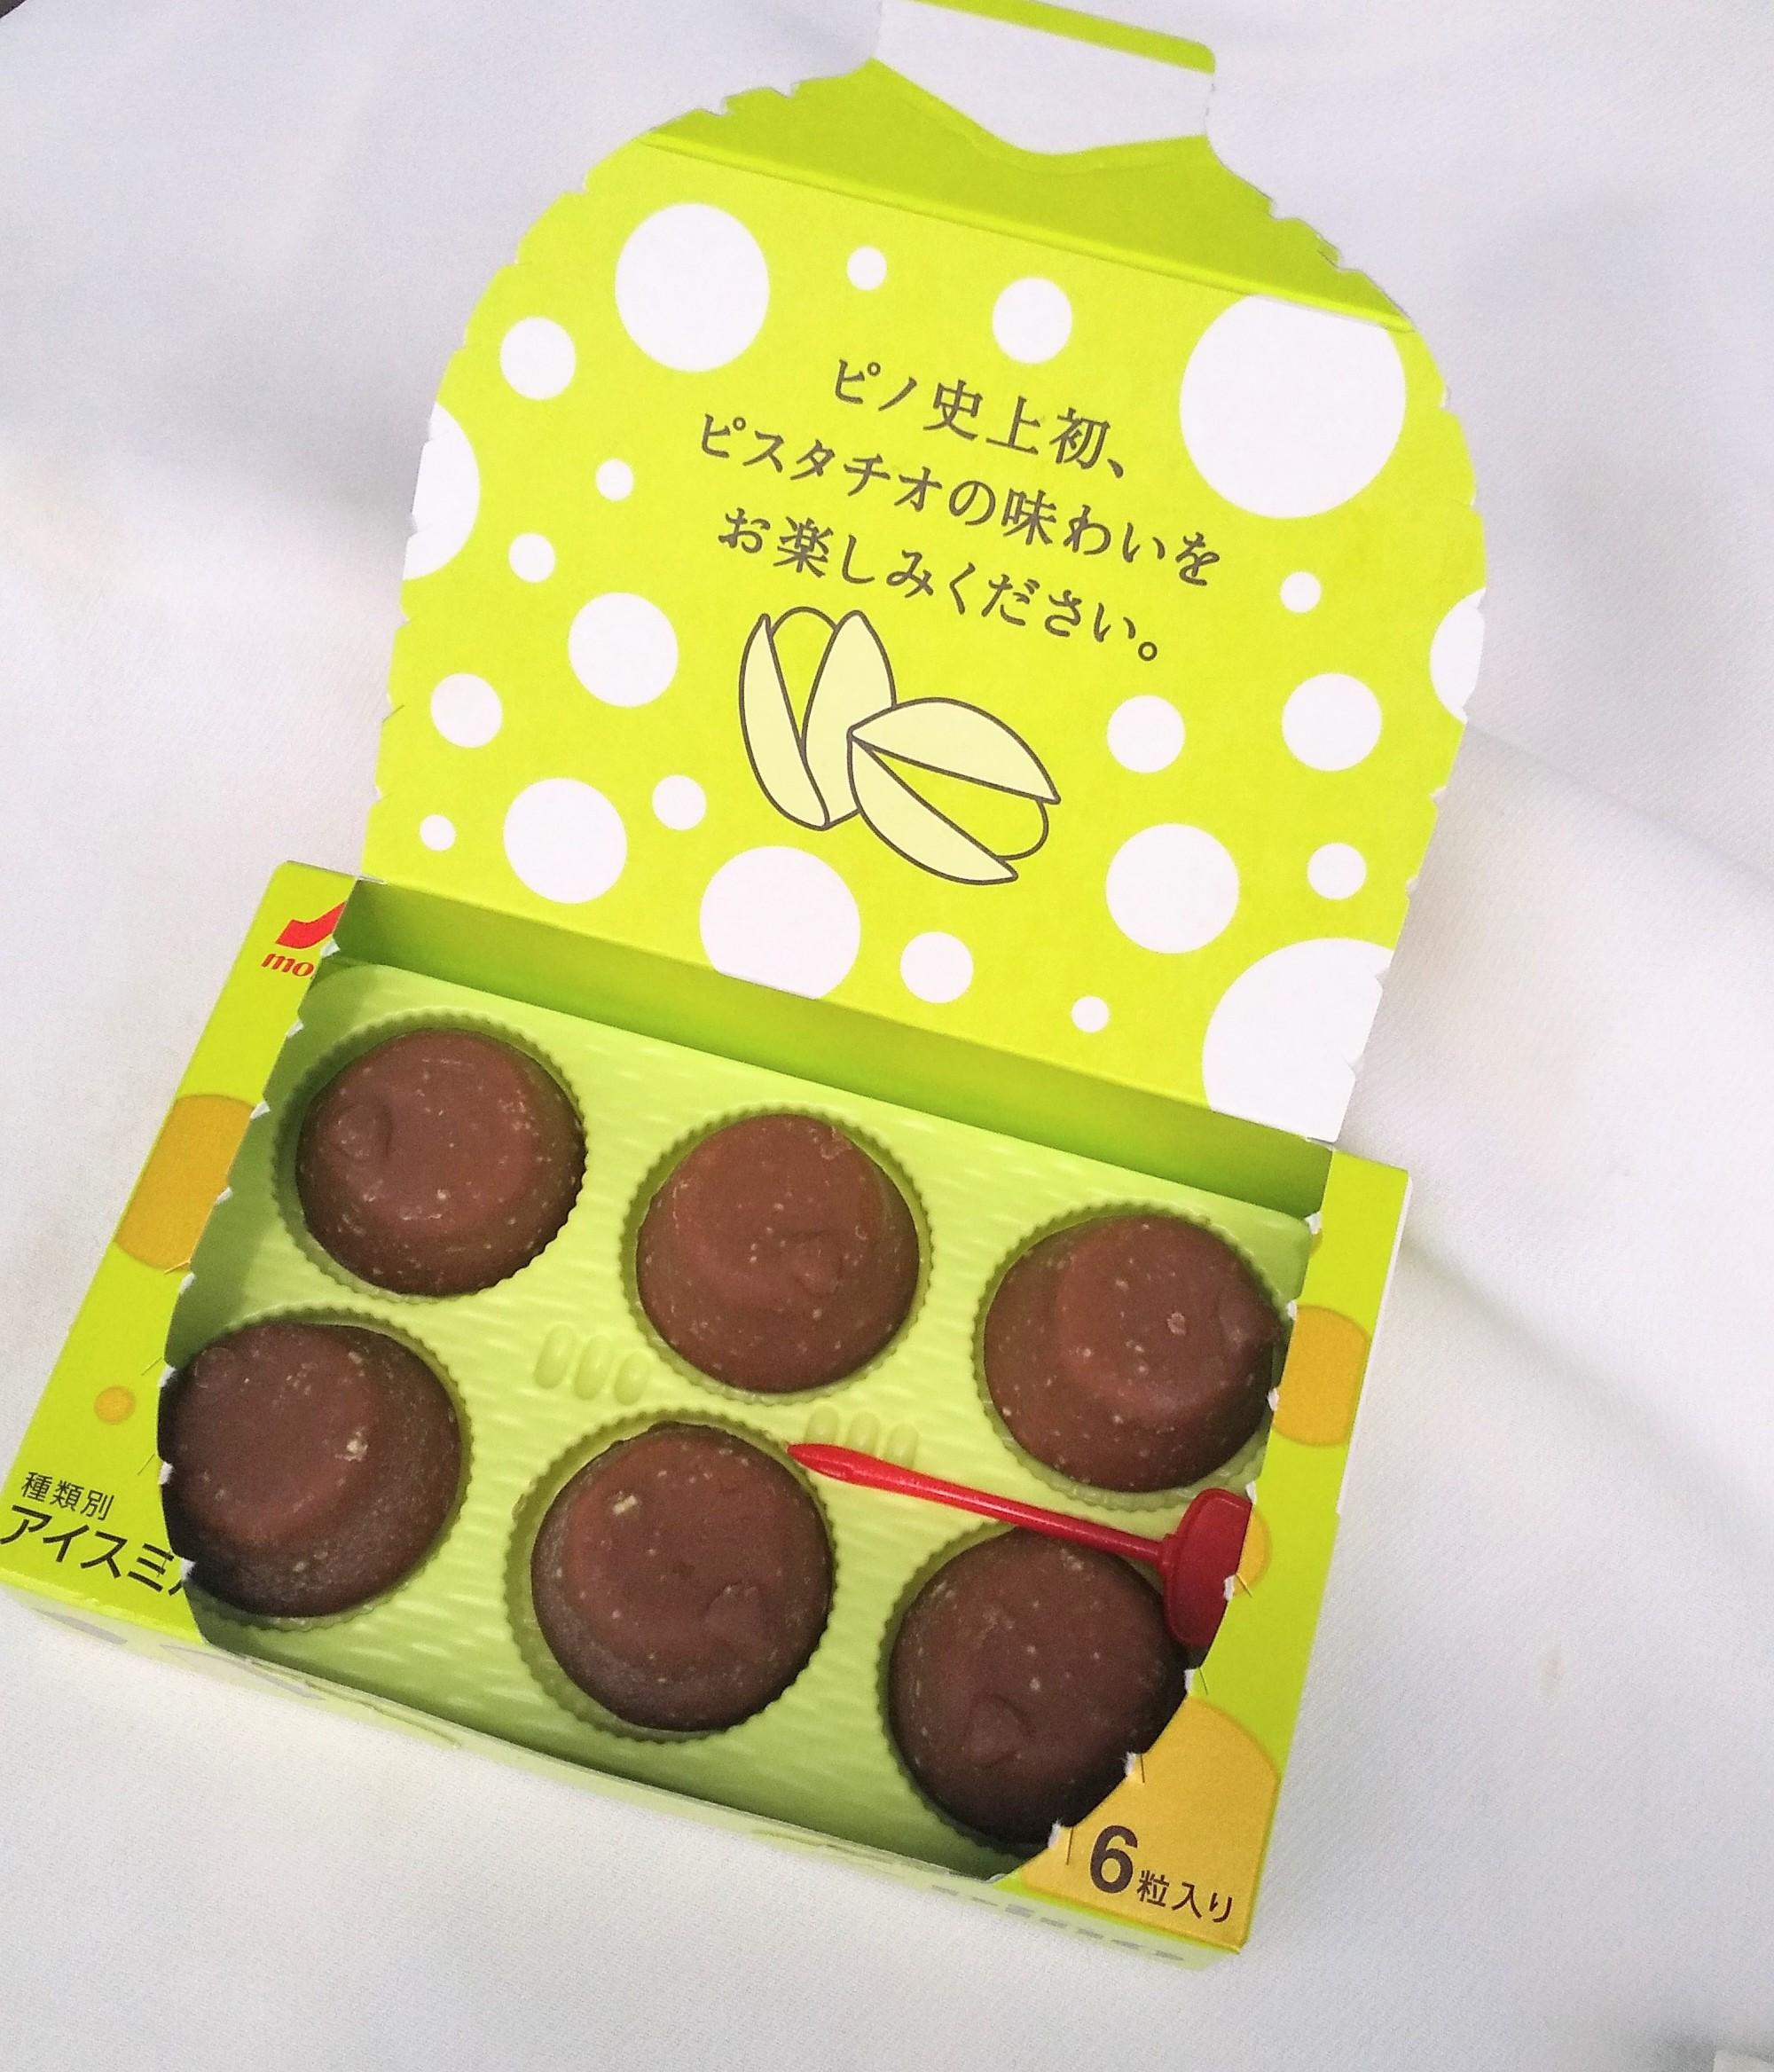 【5/31発売】ピノの新作!ピスタチオ味は間違いない美味しさ!_3